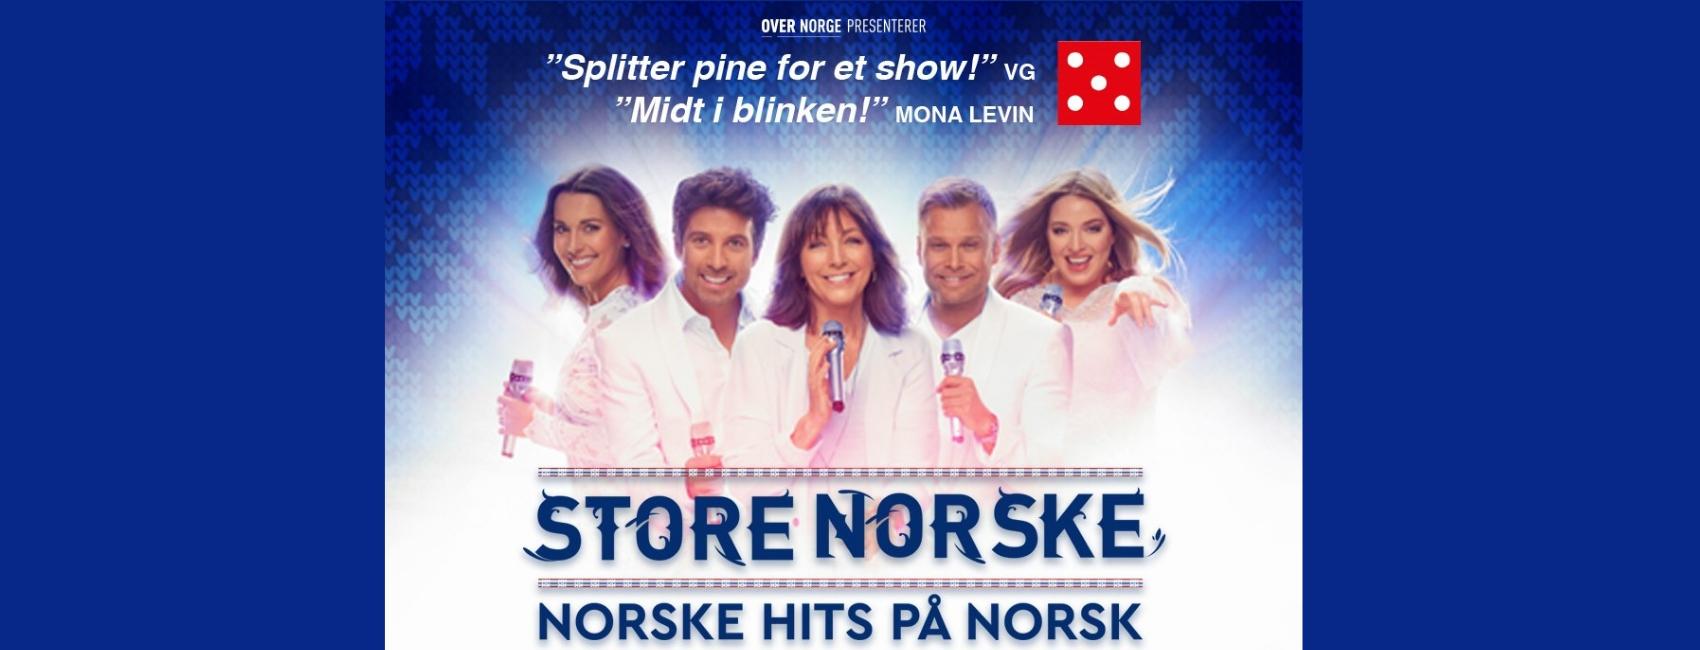 Store Norske Edderkoppen Scene